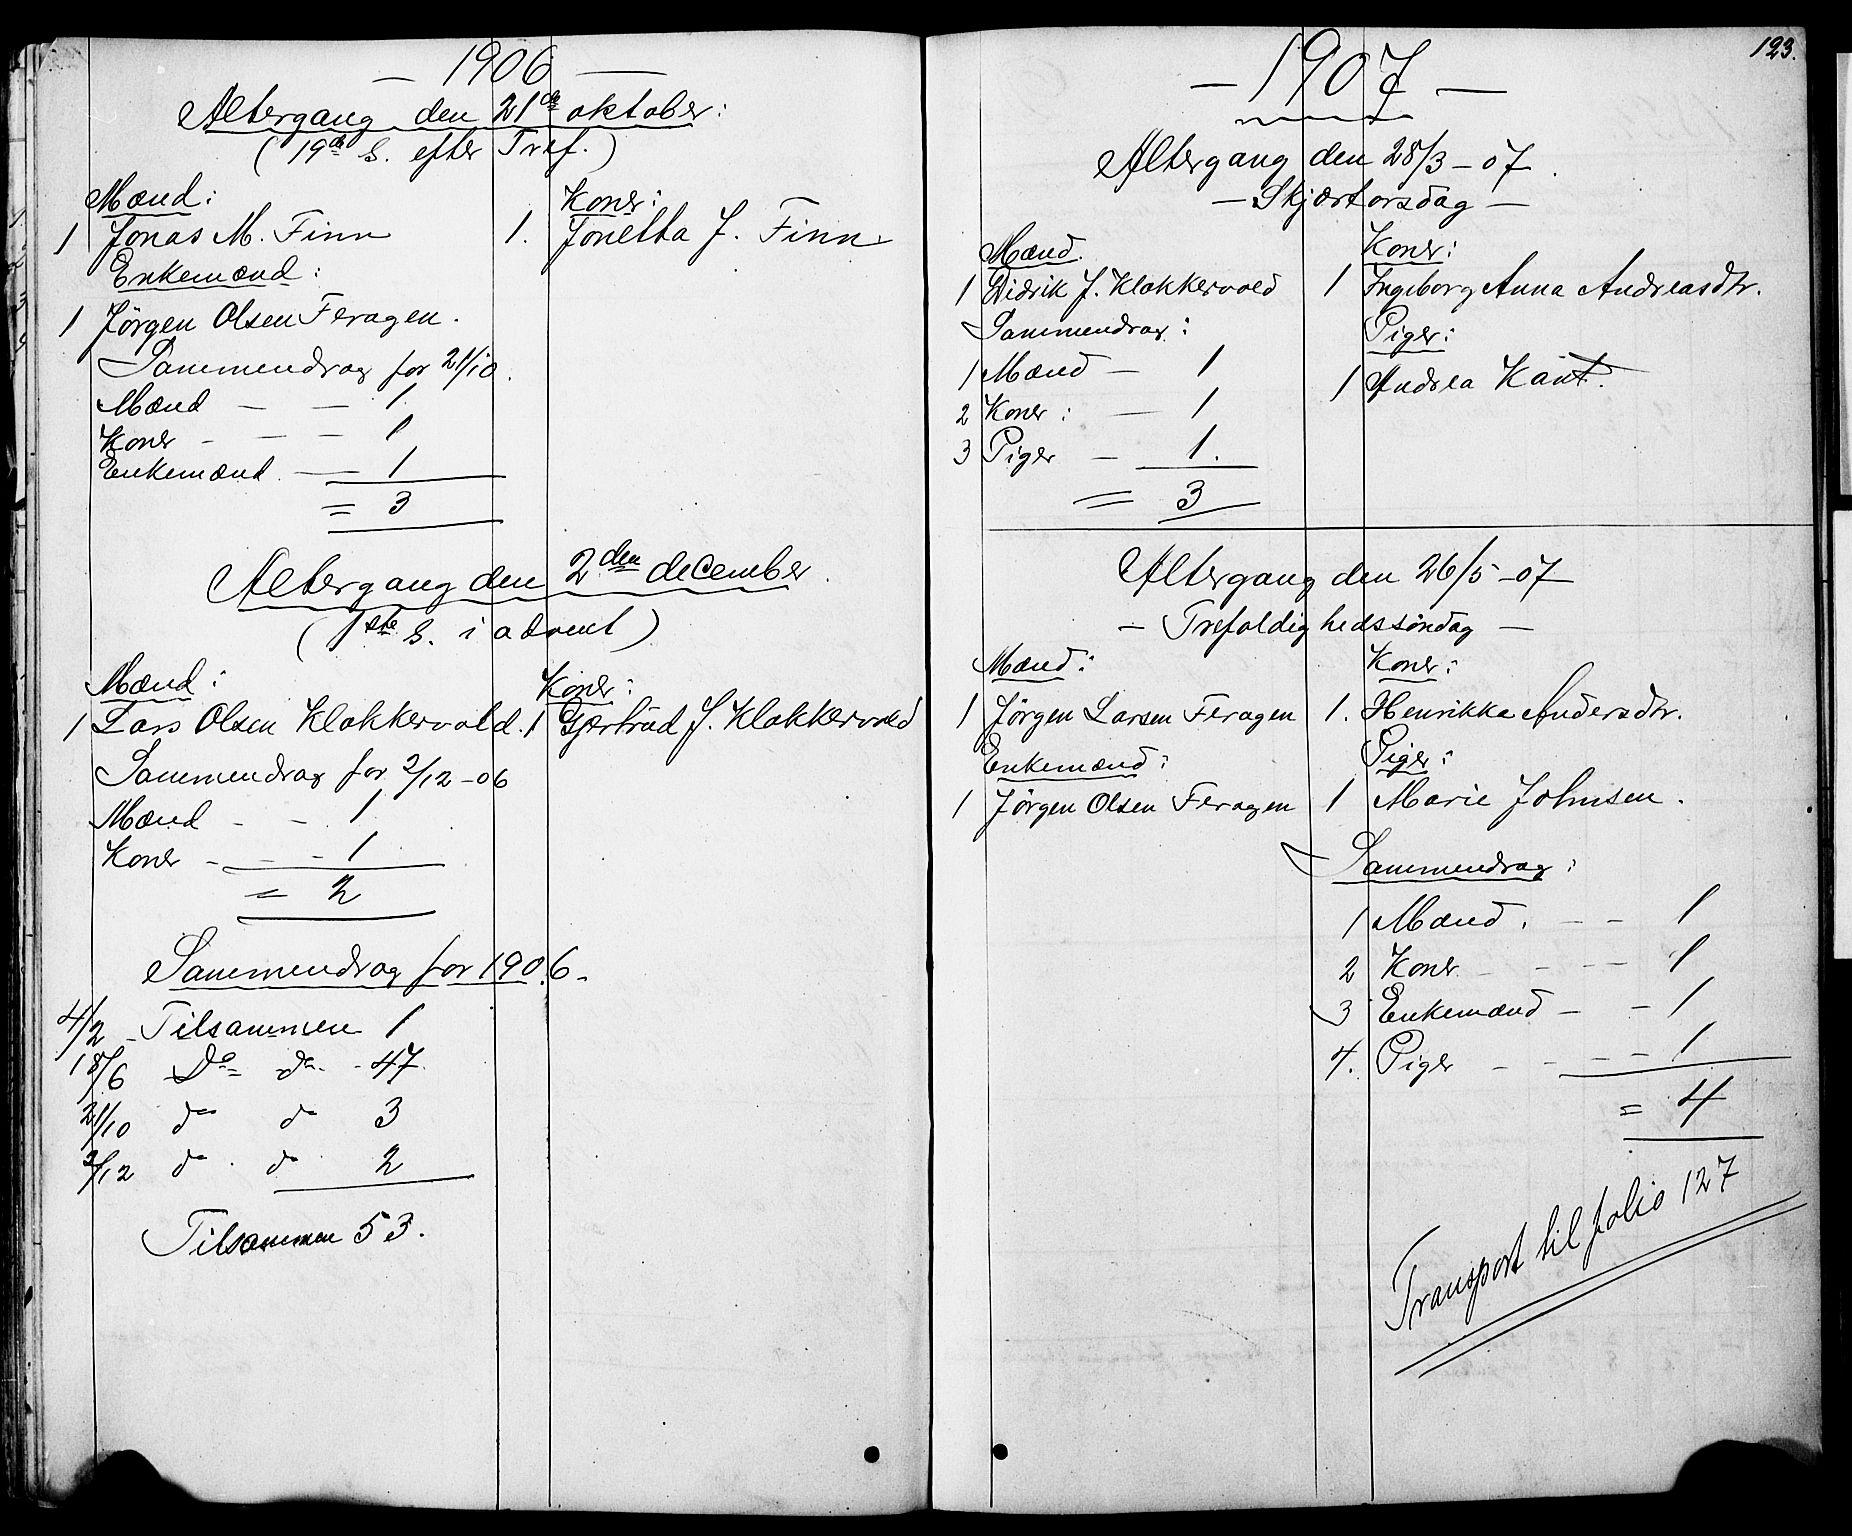 SAT, Ministerialprotokoller, klokkerbøker og fødselsregistre - Sør-Trøndelag, 683/L0949: Klokkerbok nr. 683C01, 1880-1896, s. 123